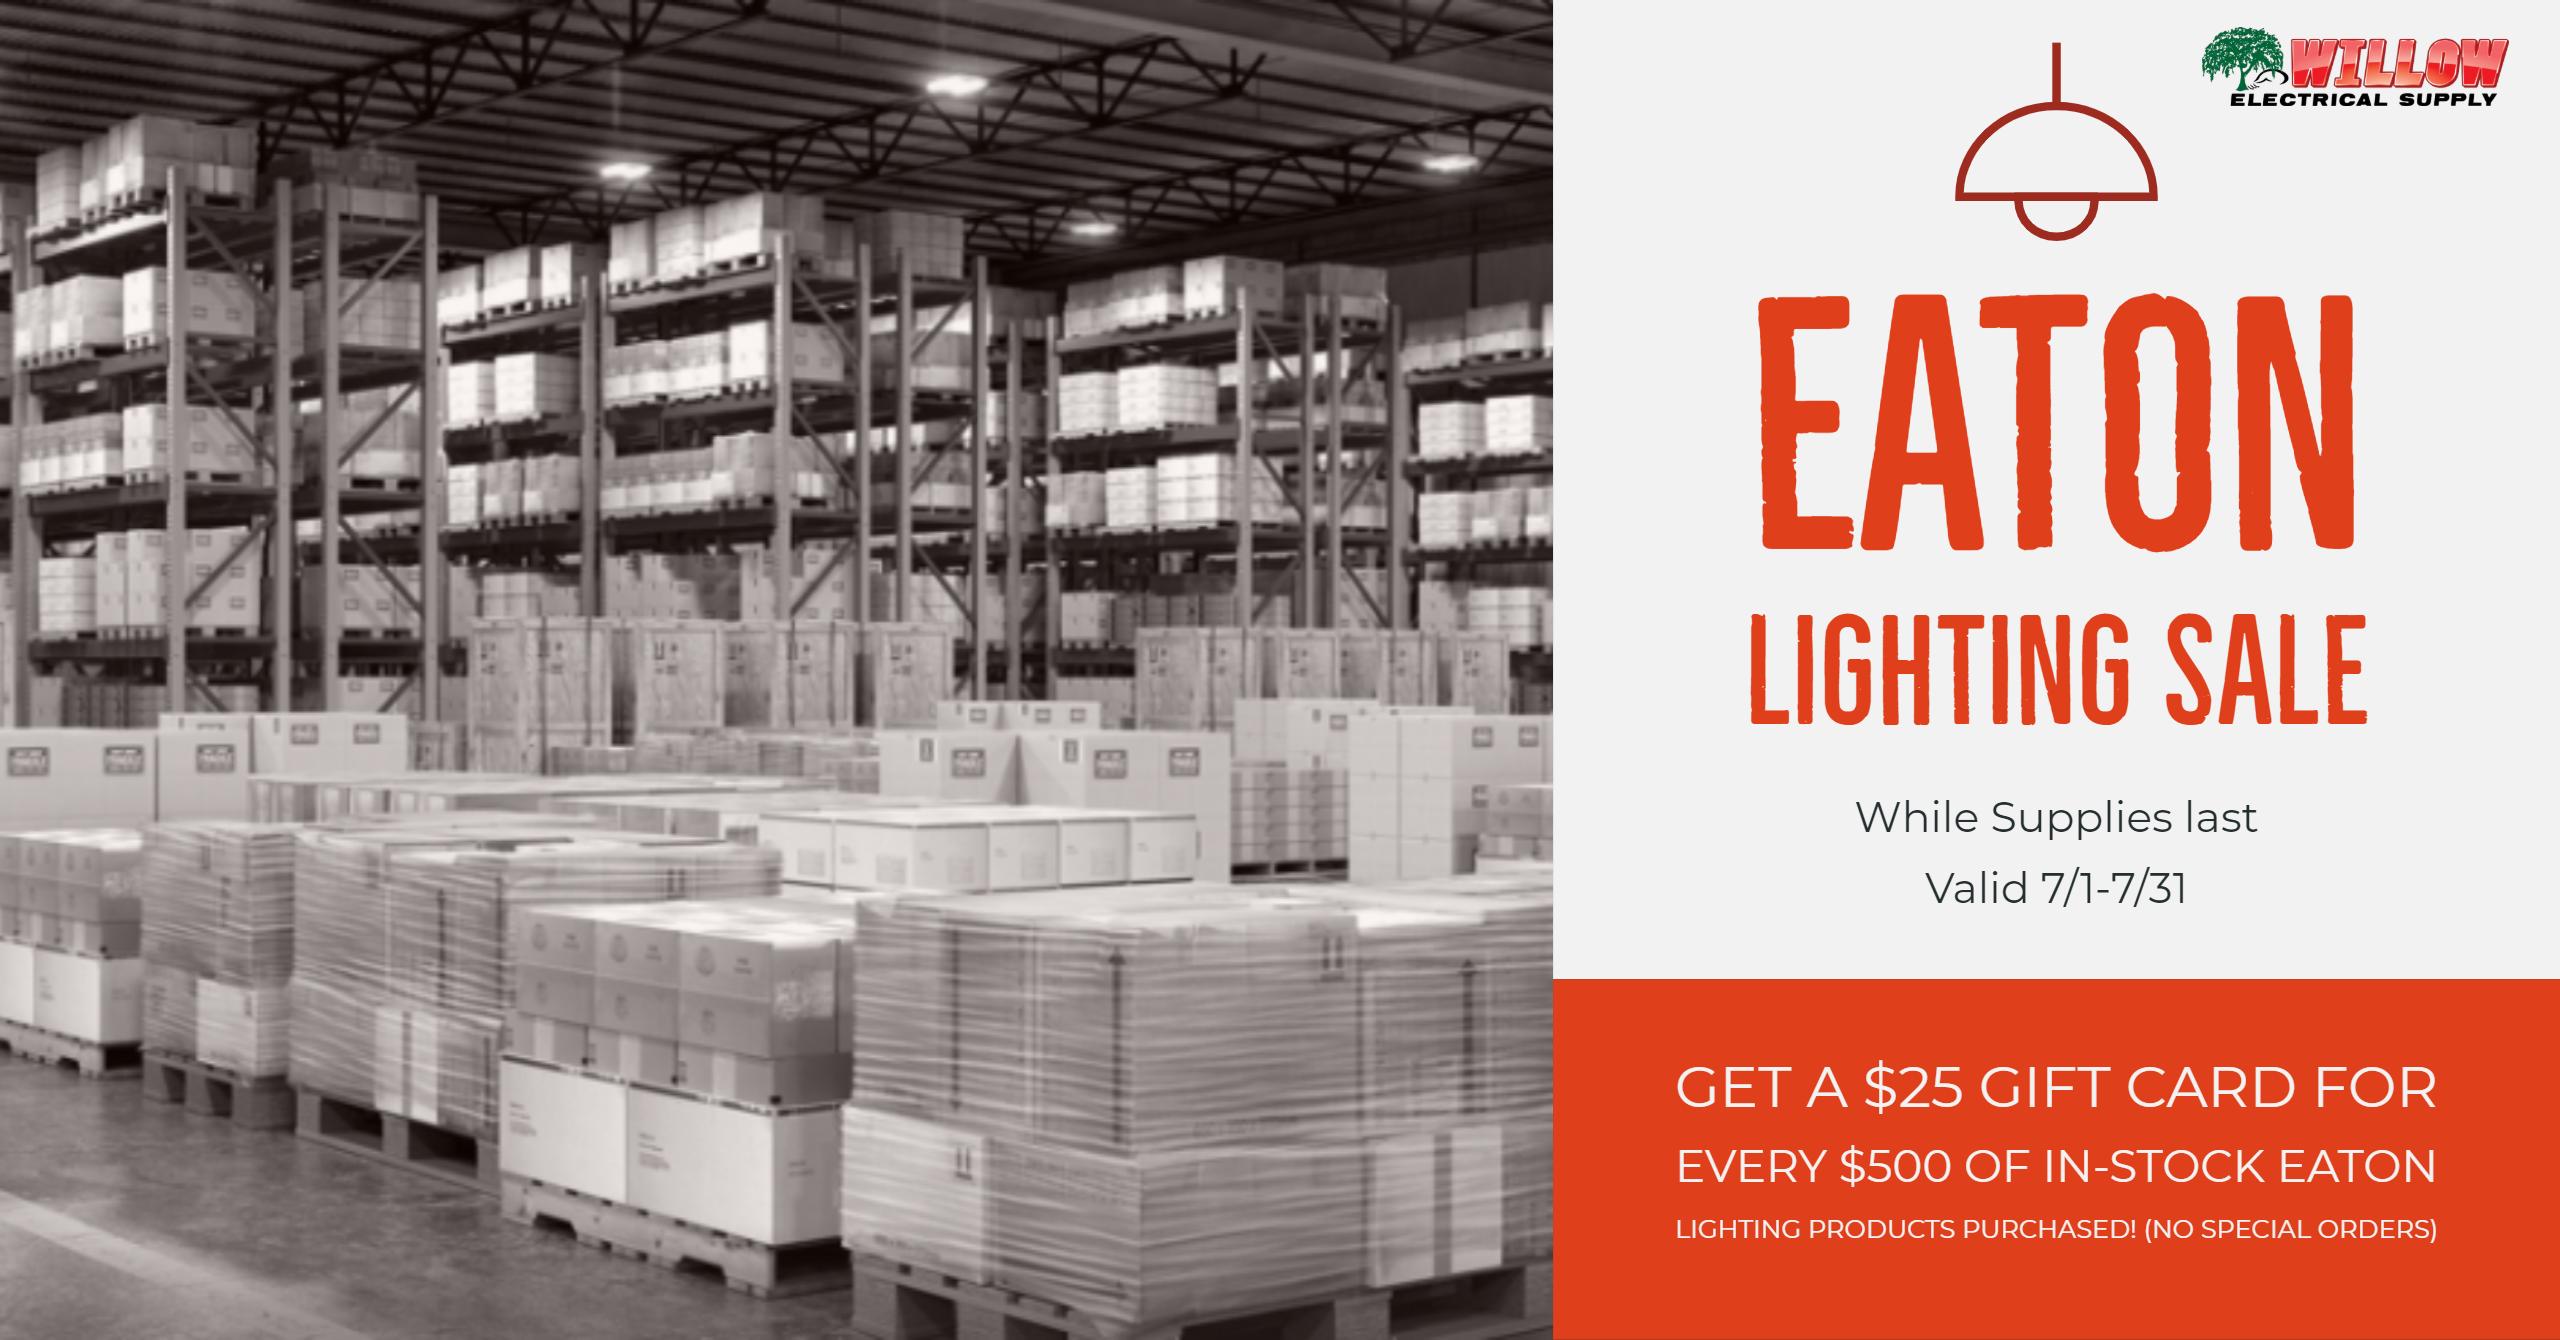 eaton-lighting-sale